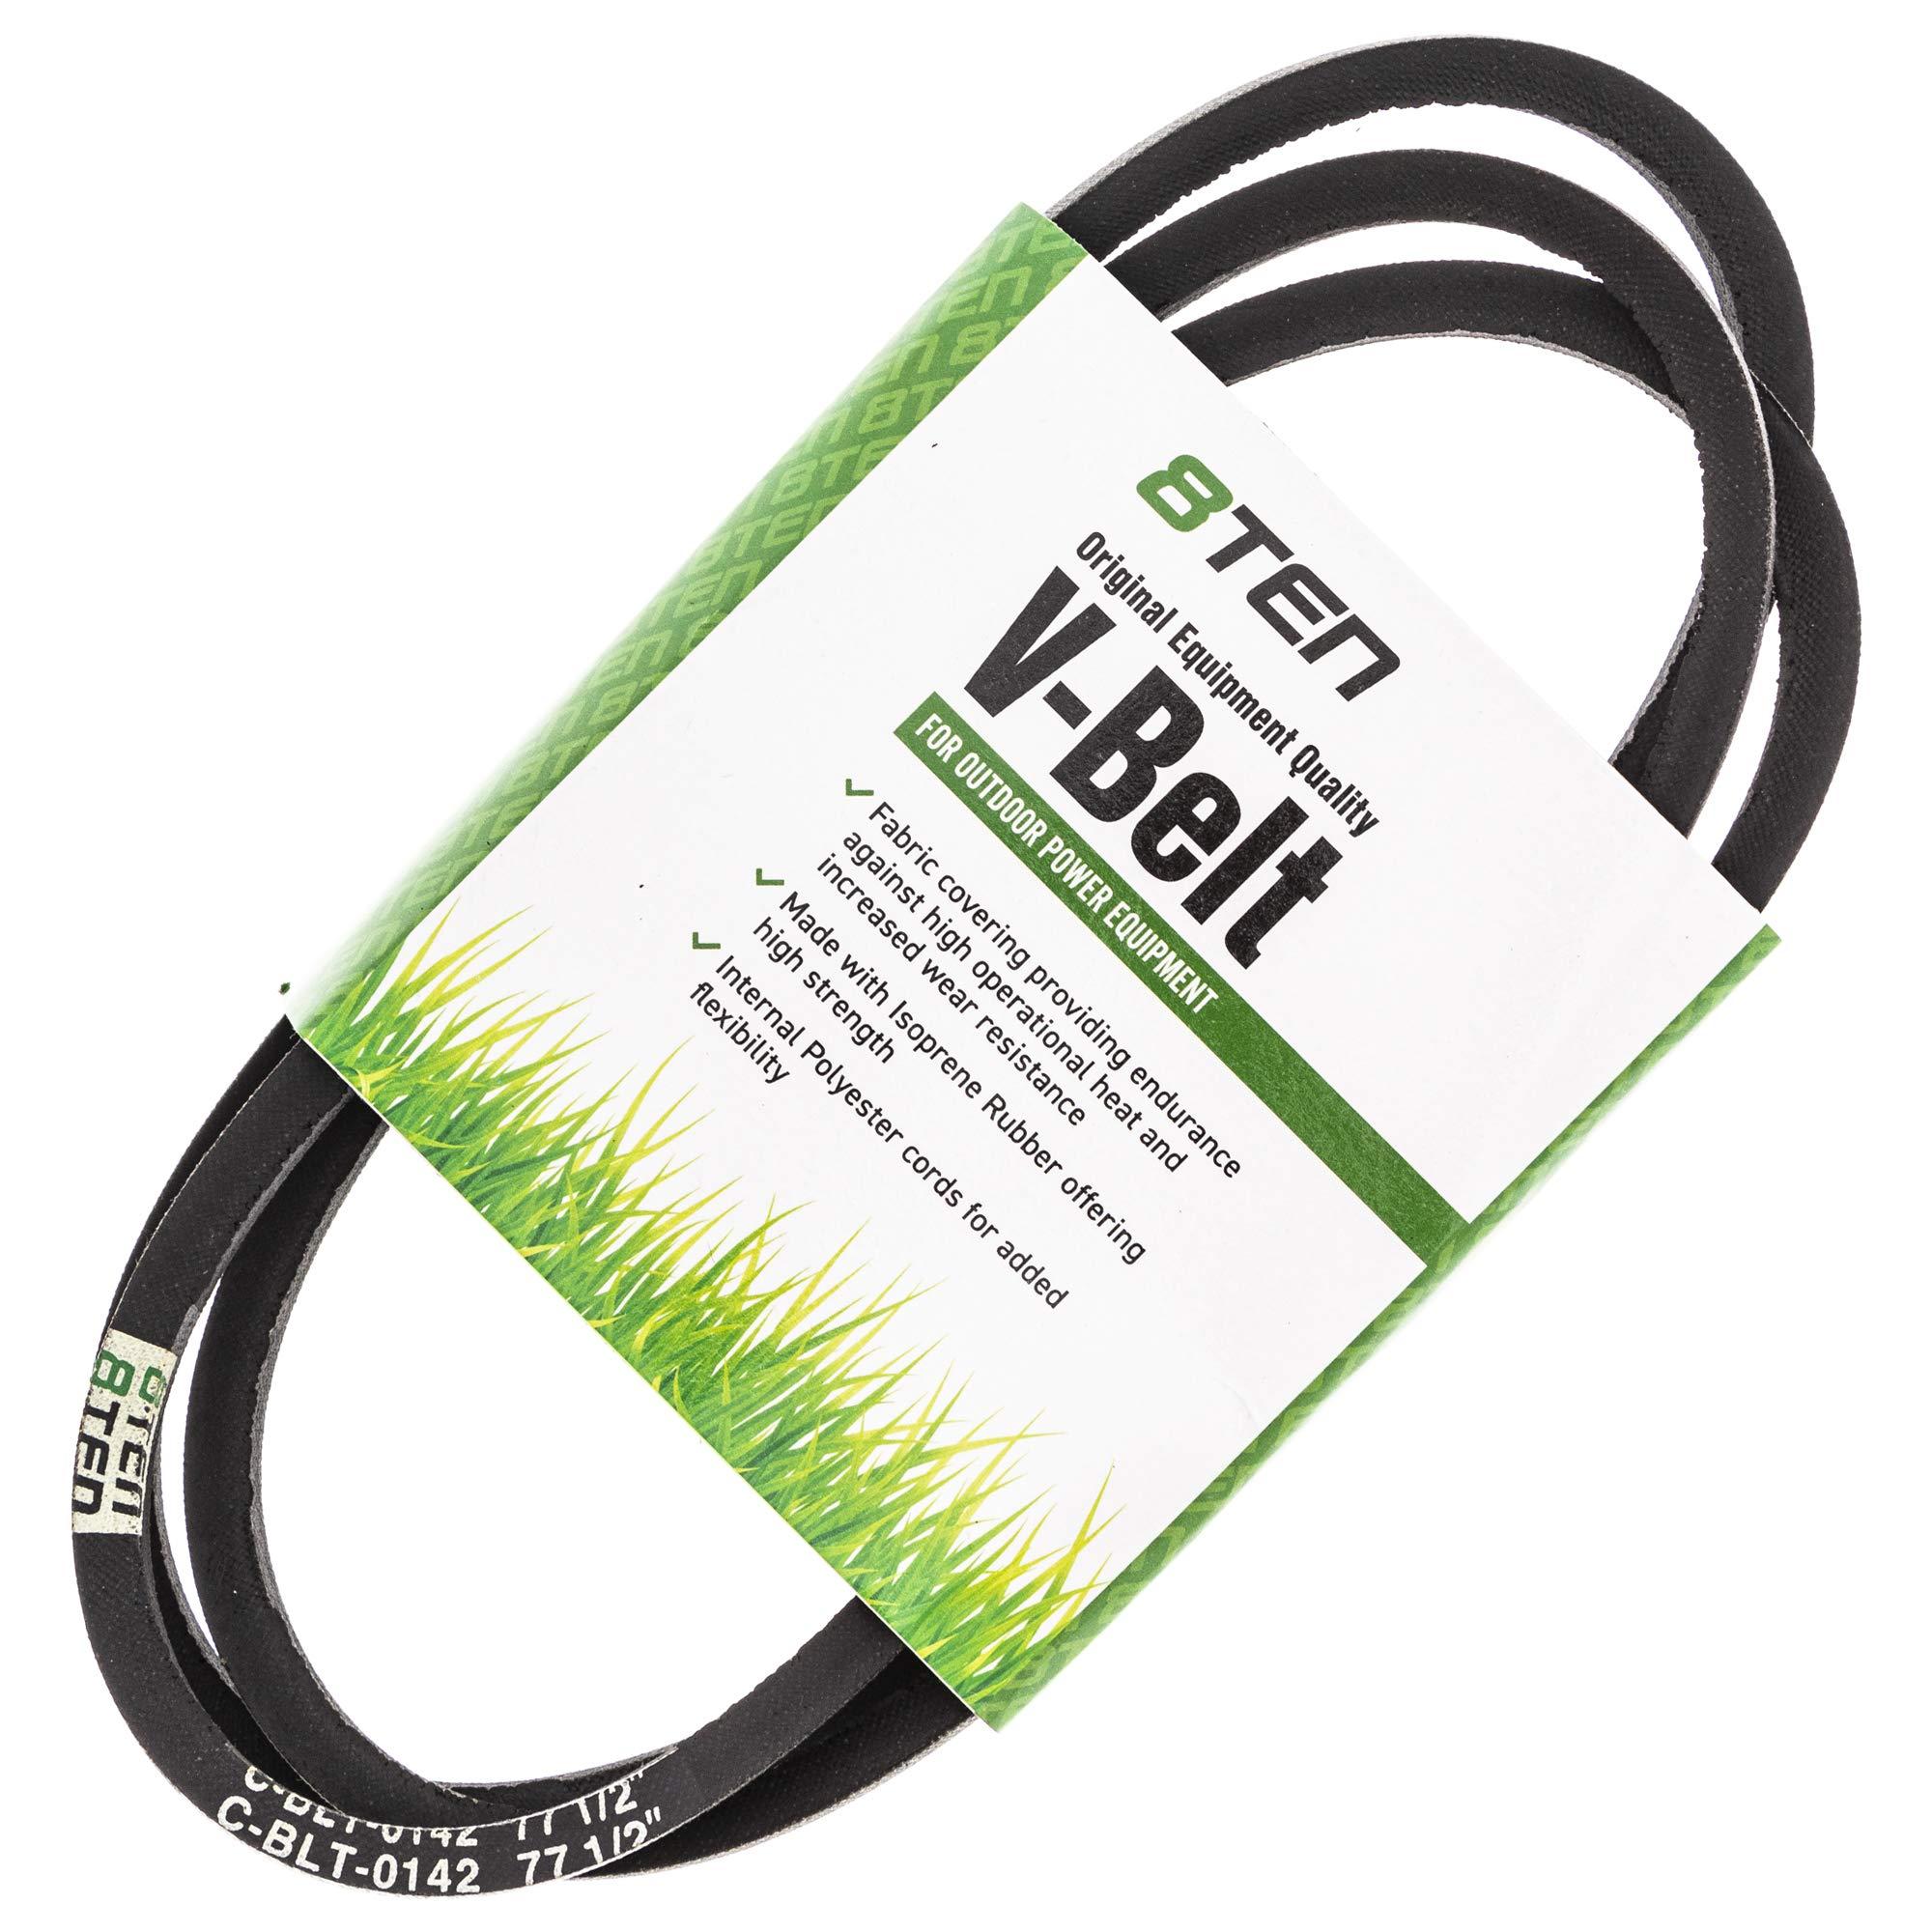 8TEN Deck Belt for Cub Cadet MTD 954-04062 754-04062 LT3800 13AM762F031 13A1762F029 13AM79GF897 38 inch Deck